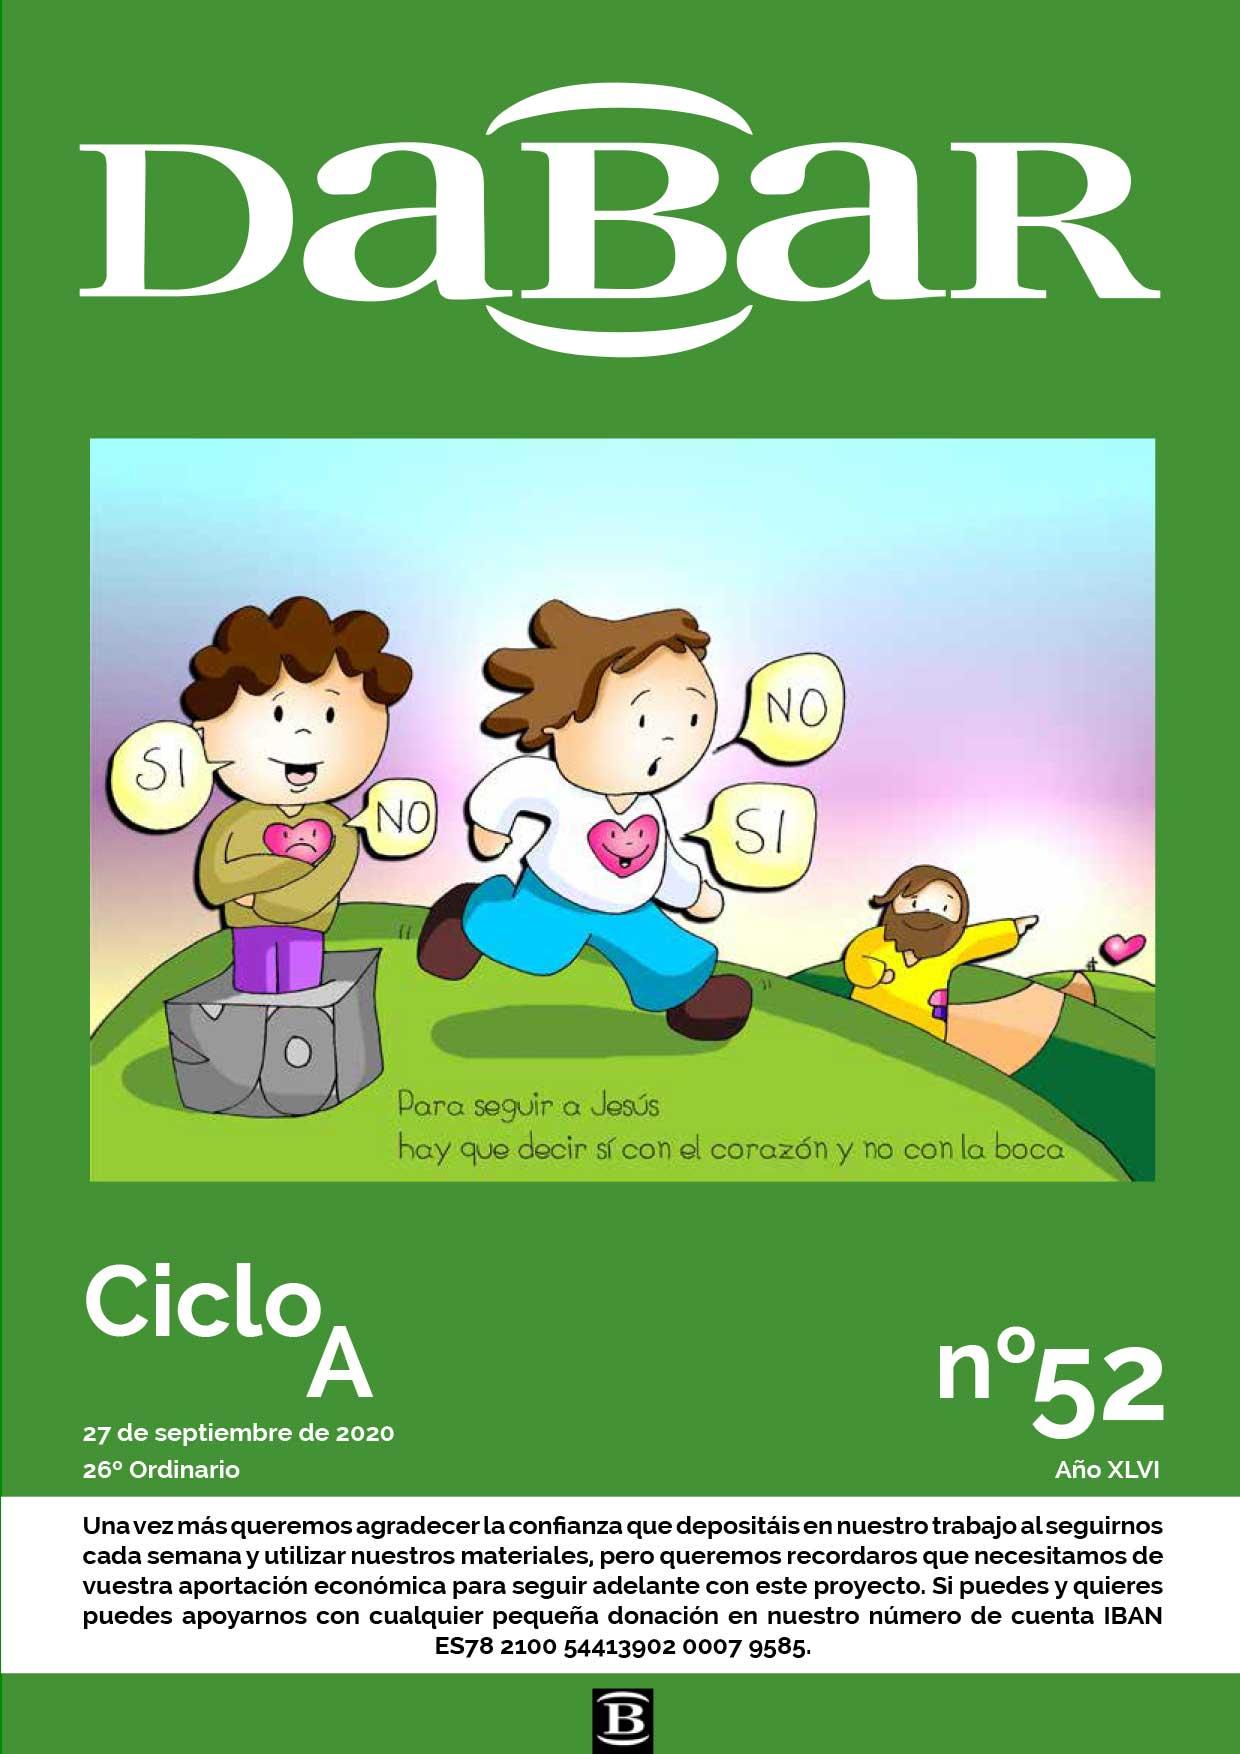 Dabar Revista numero 52 ciclo A